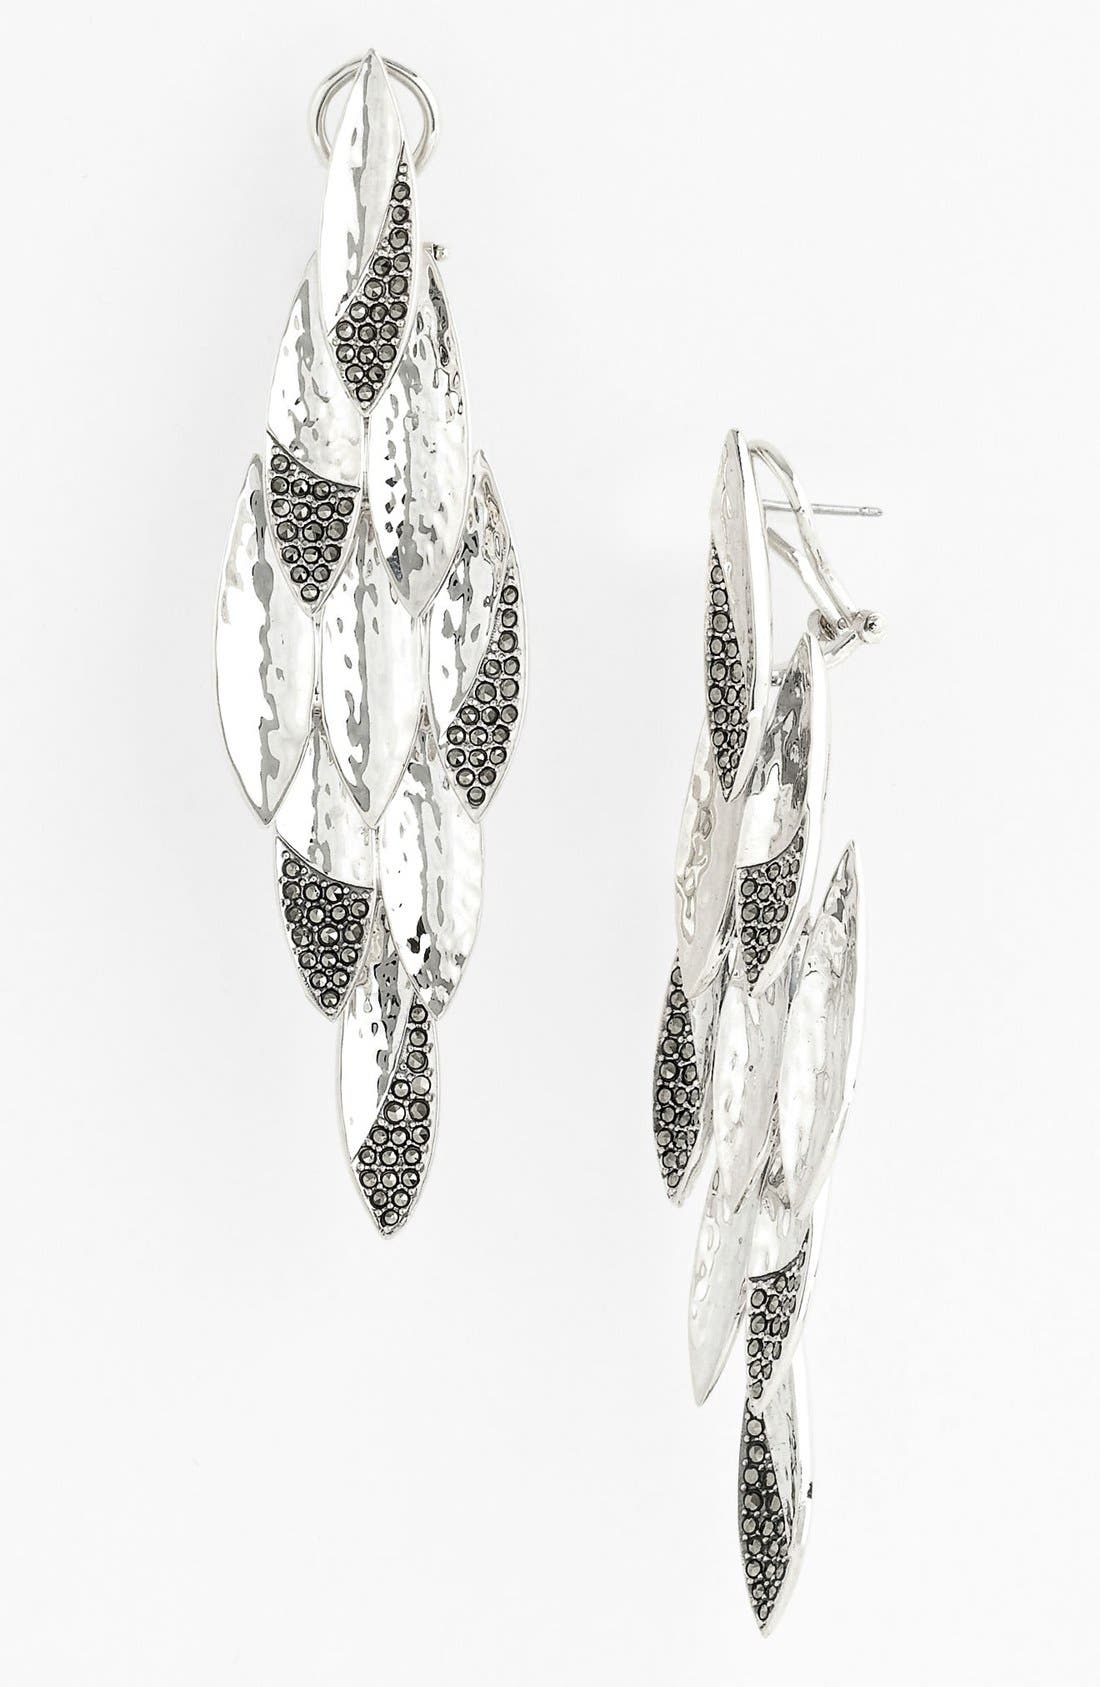 Alternate Image 1 Selected - Judith Jack 'Silver Rain' Large Chandelier Earrings (Nordstrom Exclusive)